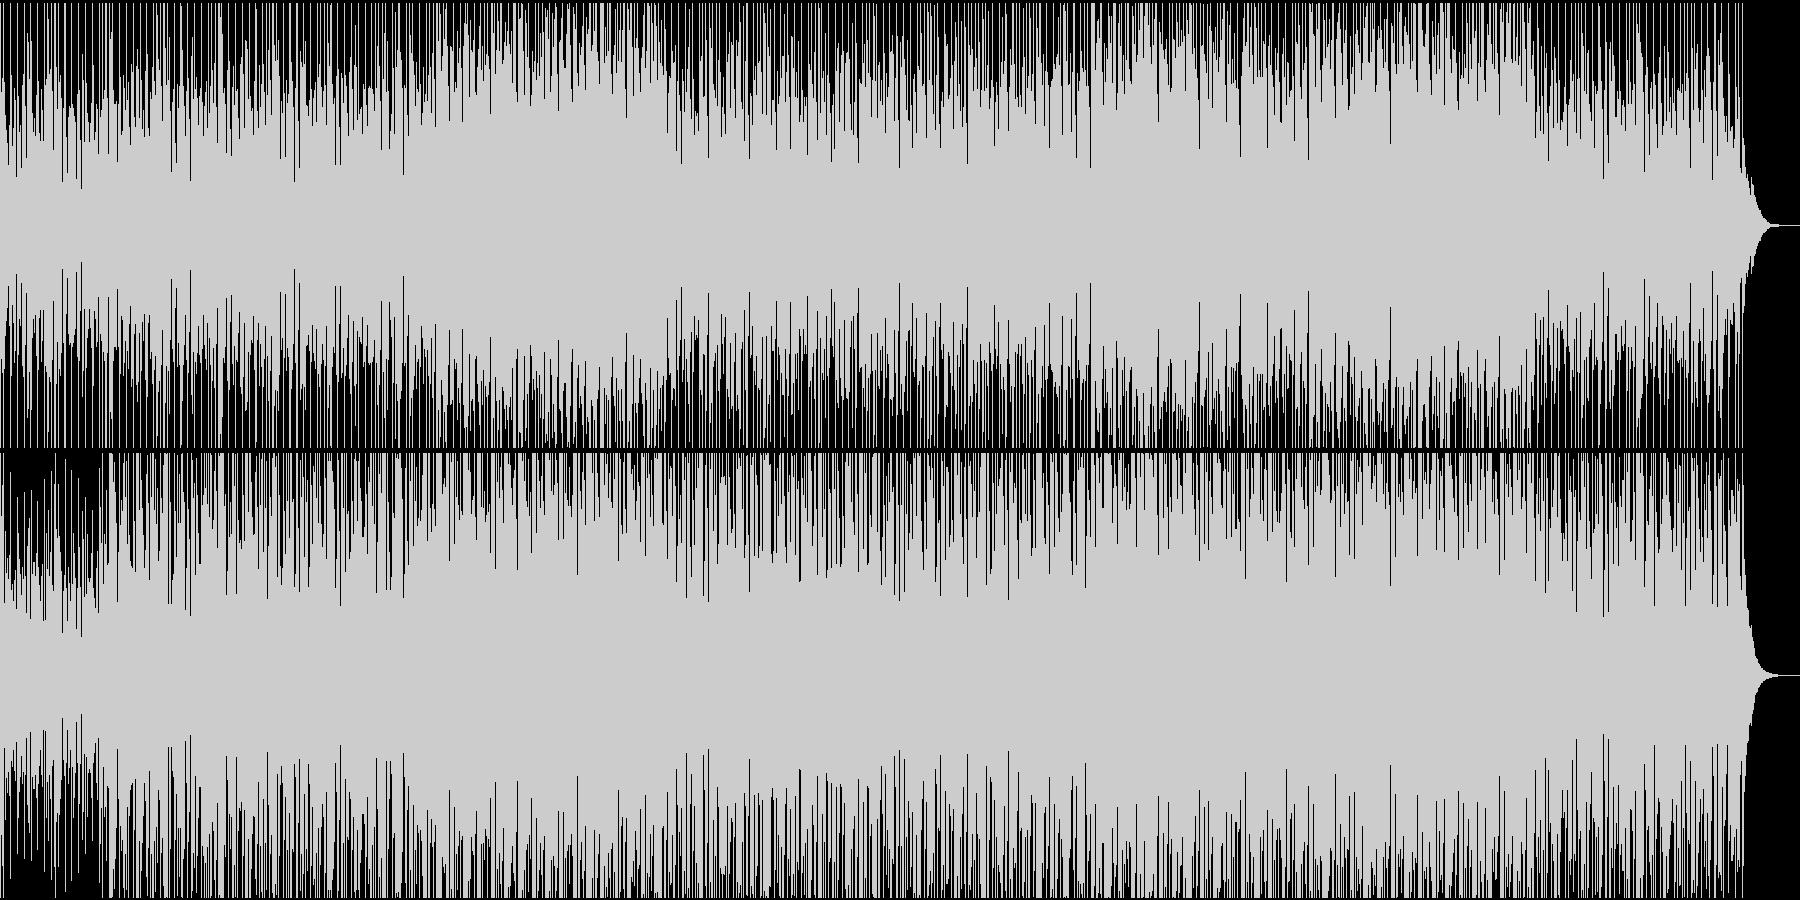 透明感のあるピアノのトランスの未再生の波形